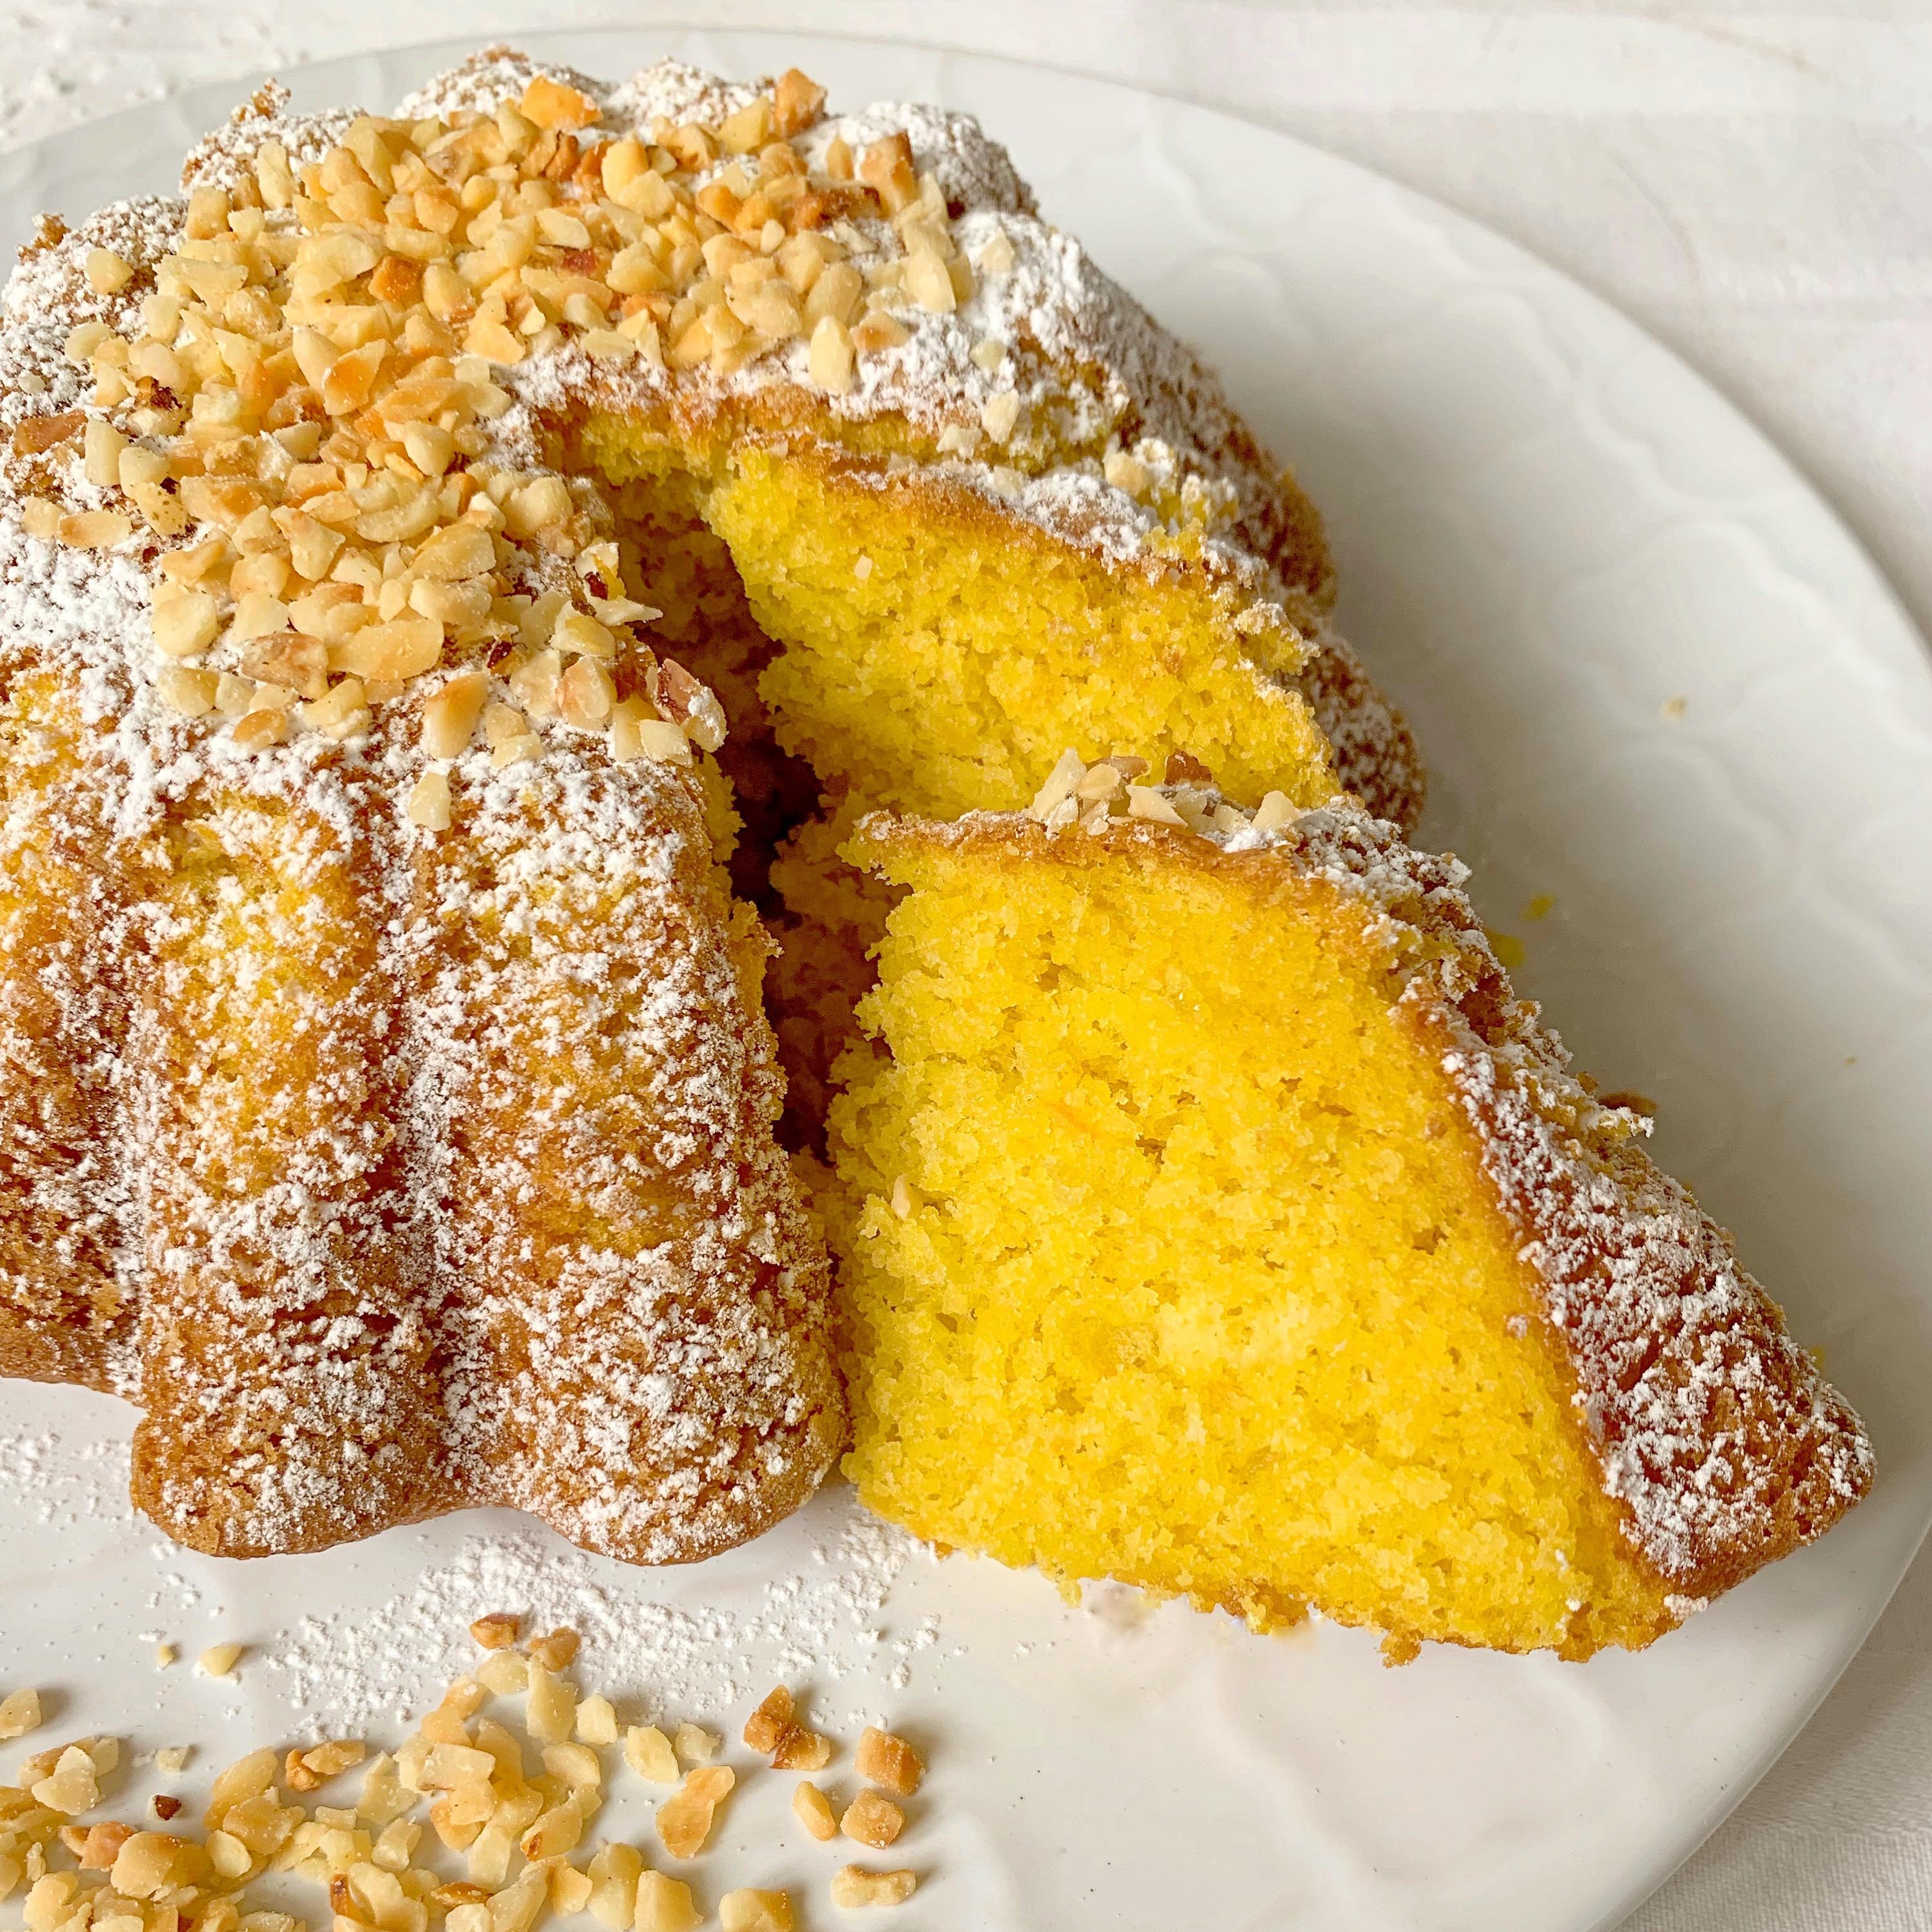 Torta Carote e Mandorle Senza Burro, un dolce semplice sano e genuino! Un impasto senza lattosio umido soffice e leggero ed un gusto delicato e avvolgente!